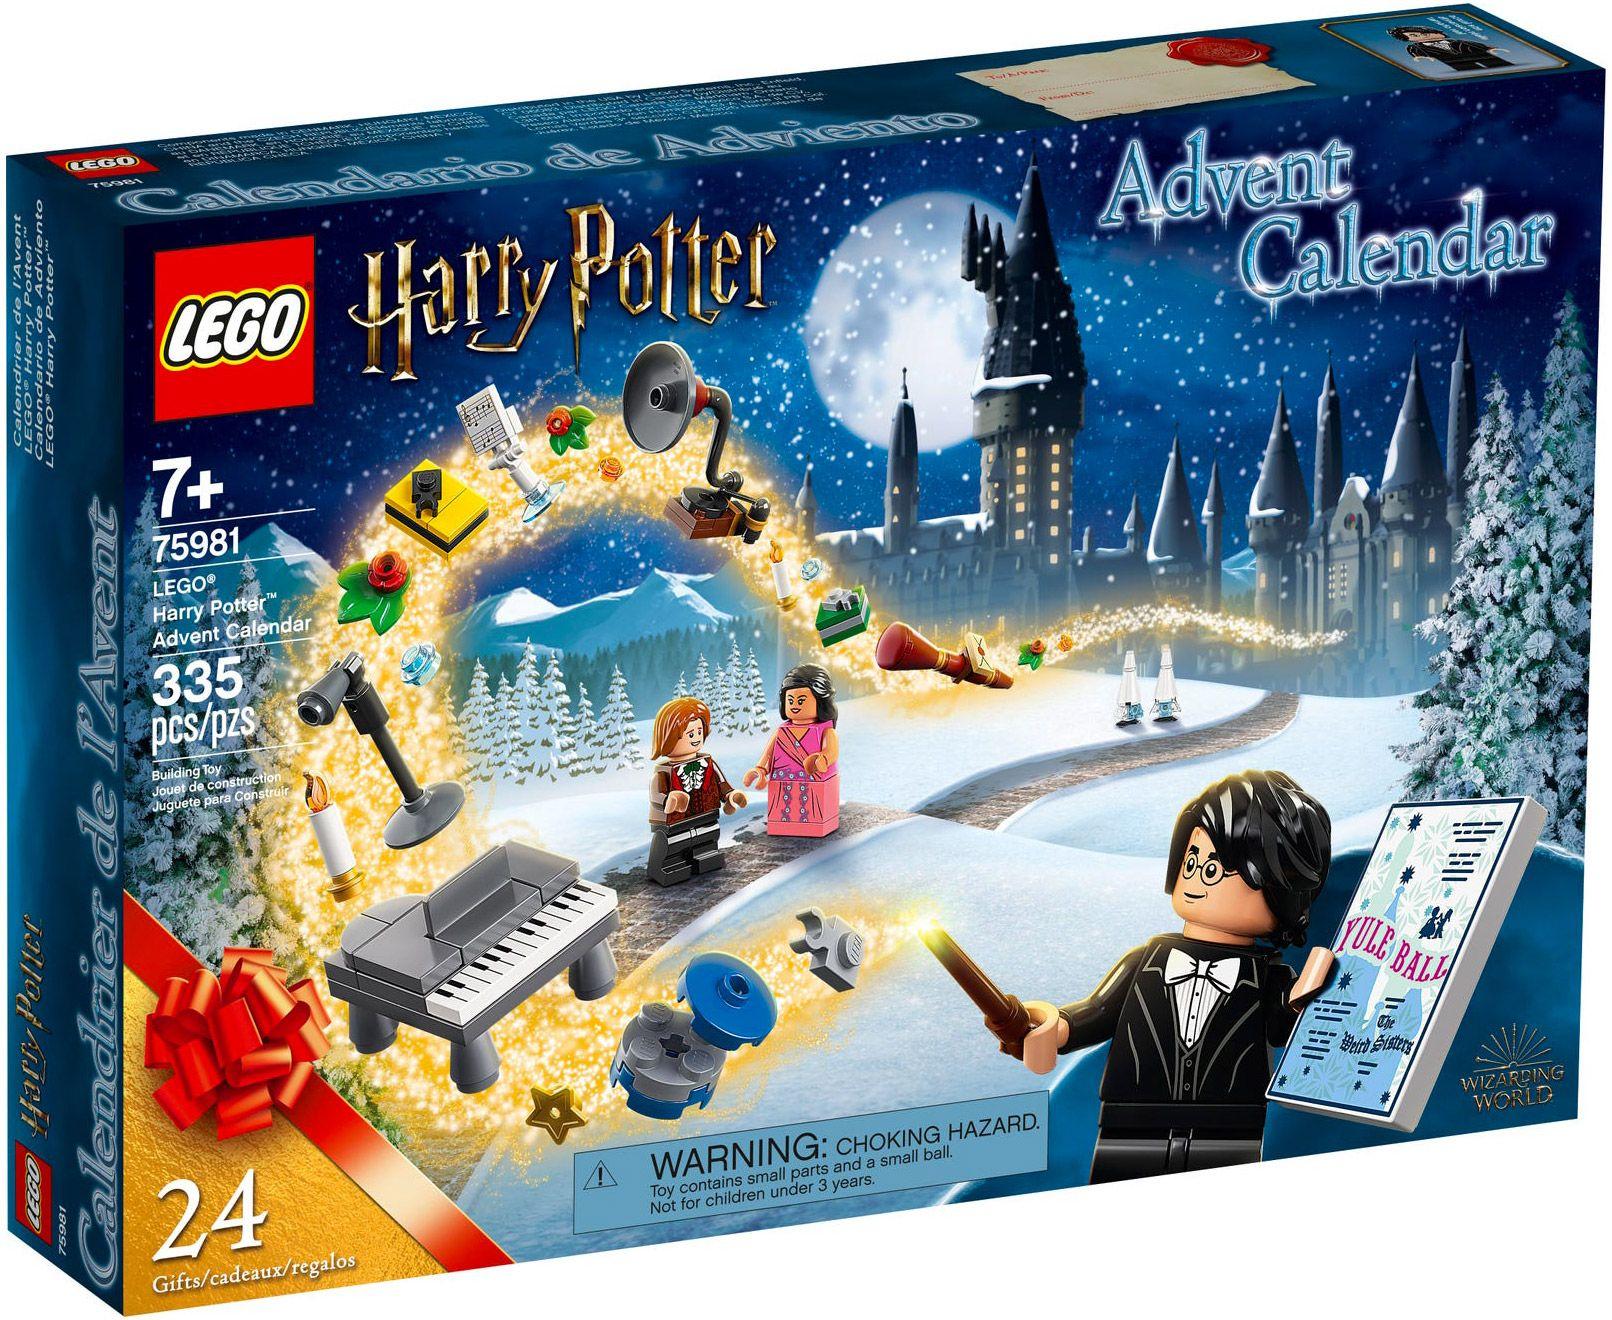 Jusqu'à 30% fidélité sur une sélection de jouets - Ex : Calendrier Harry Potter n°75981 (via 3.98€ fidélité)